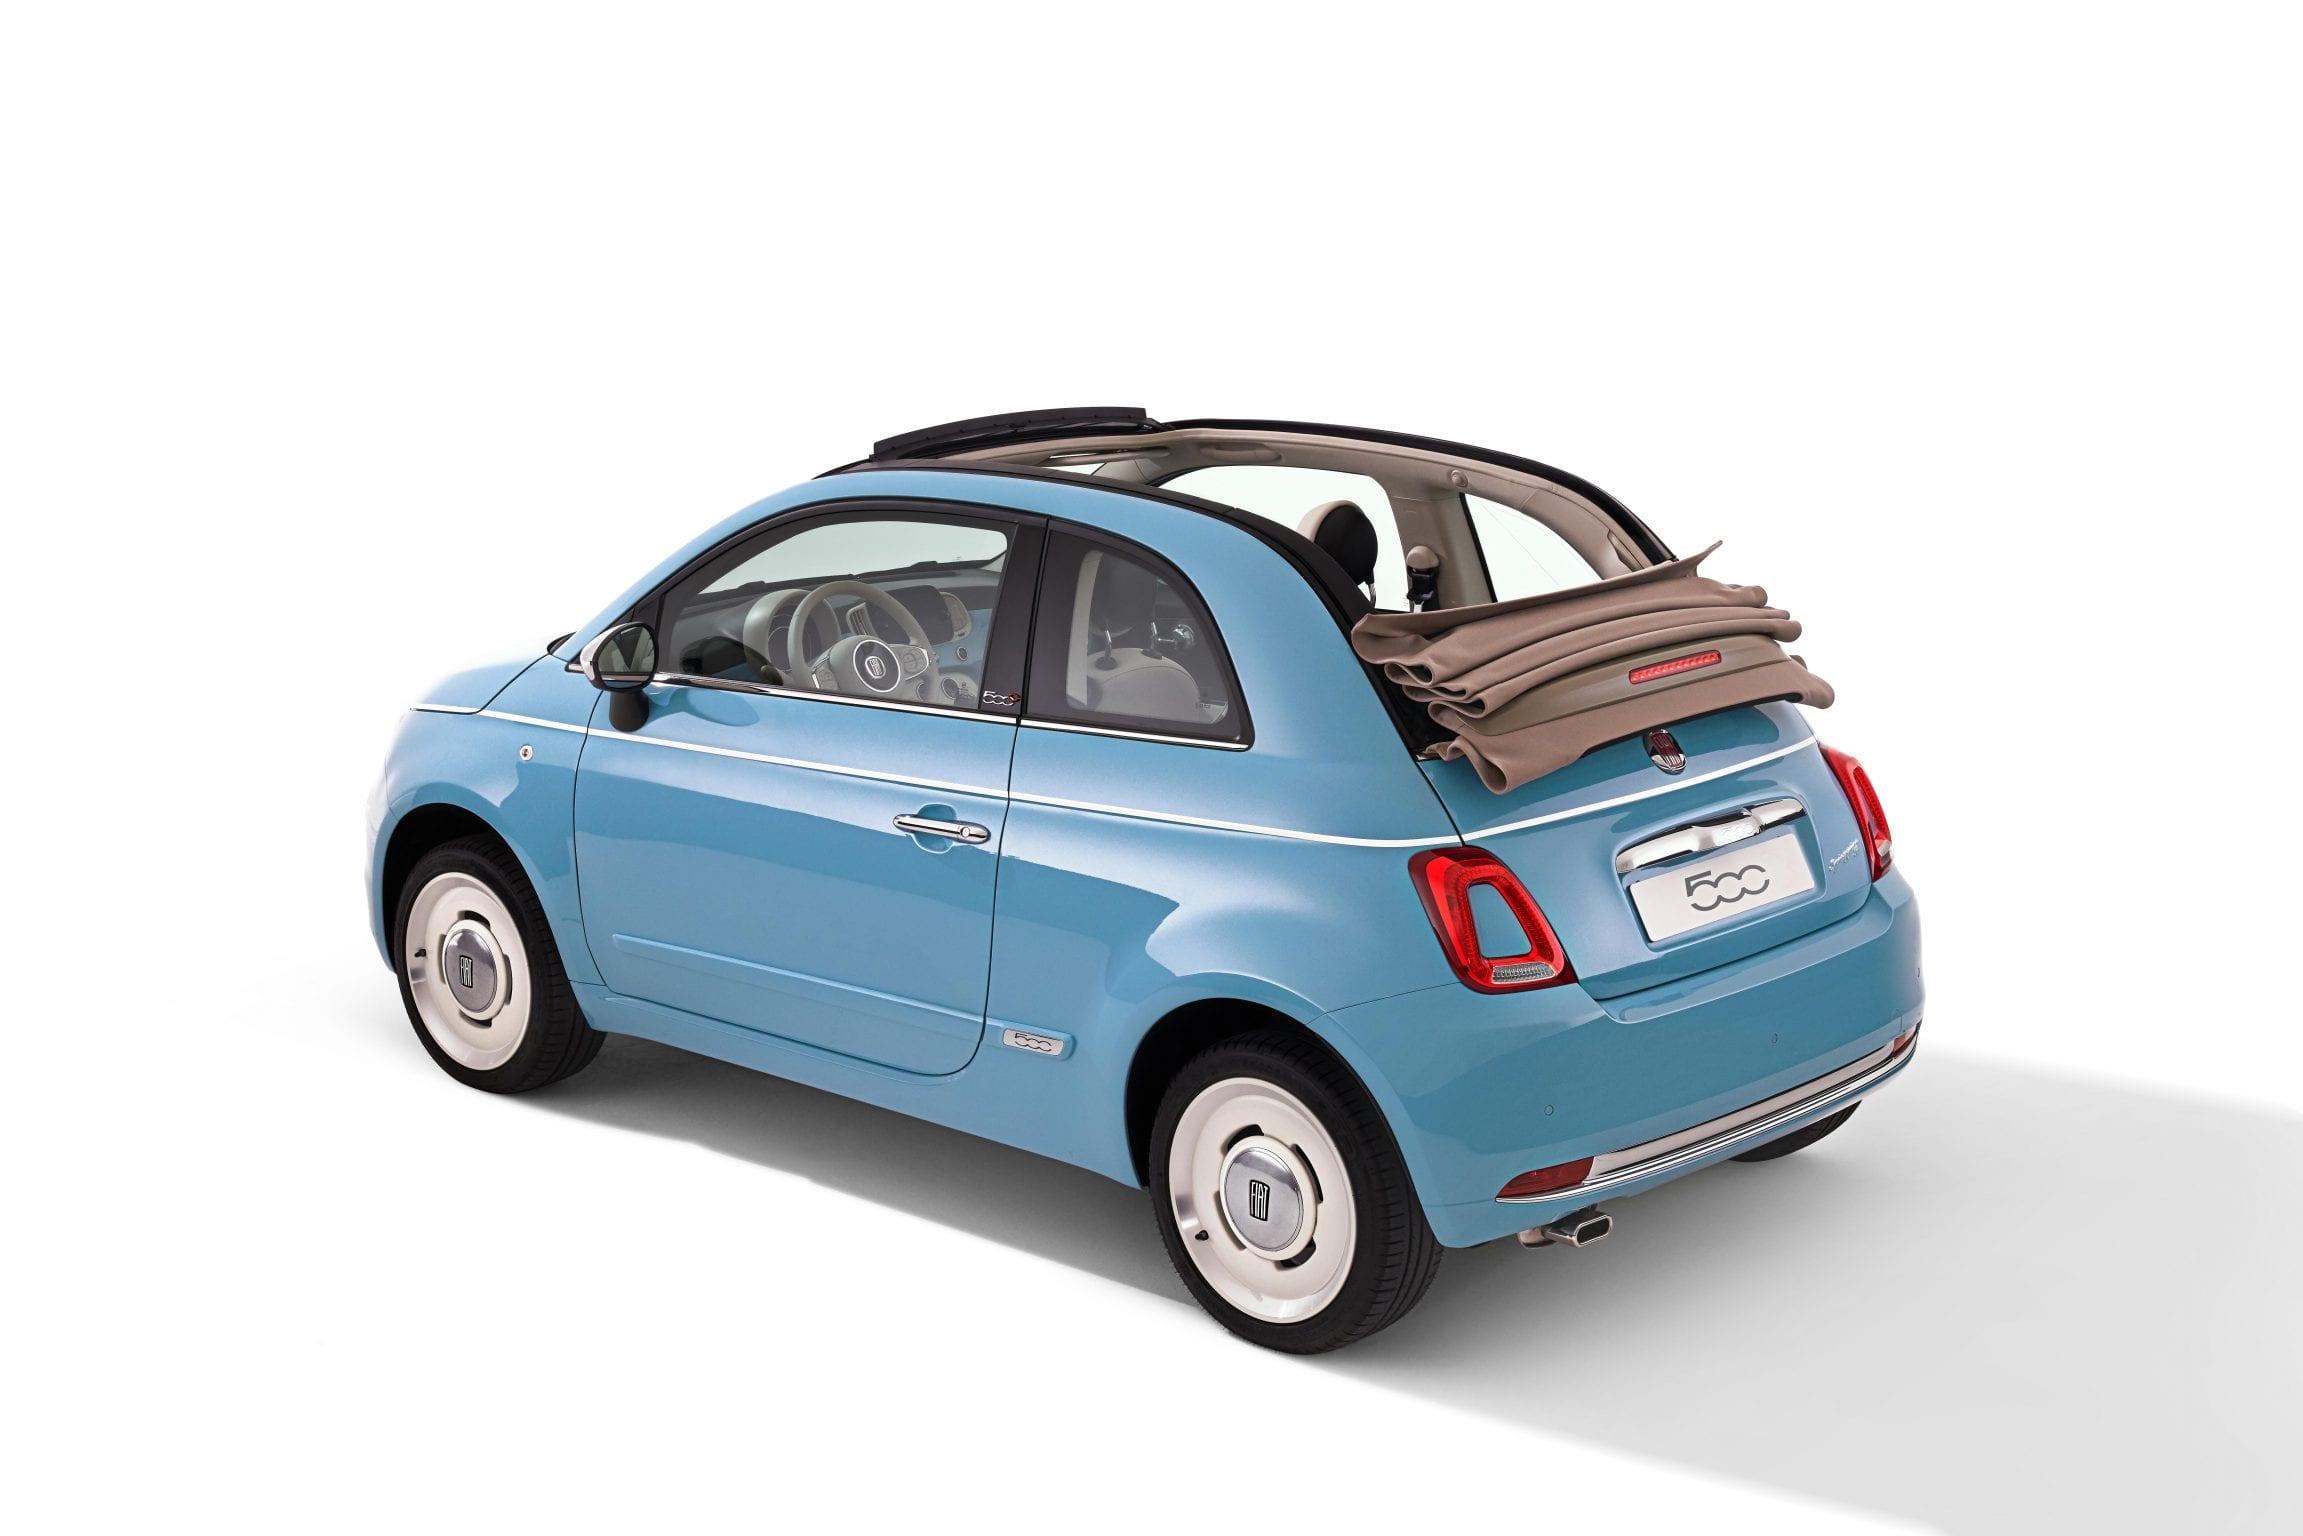 Fiat 500 Spiaggina 58 Zeeuw Automotive